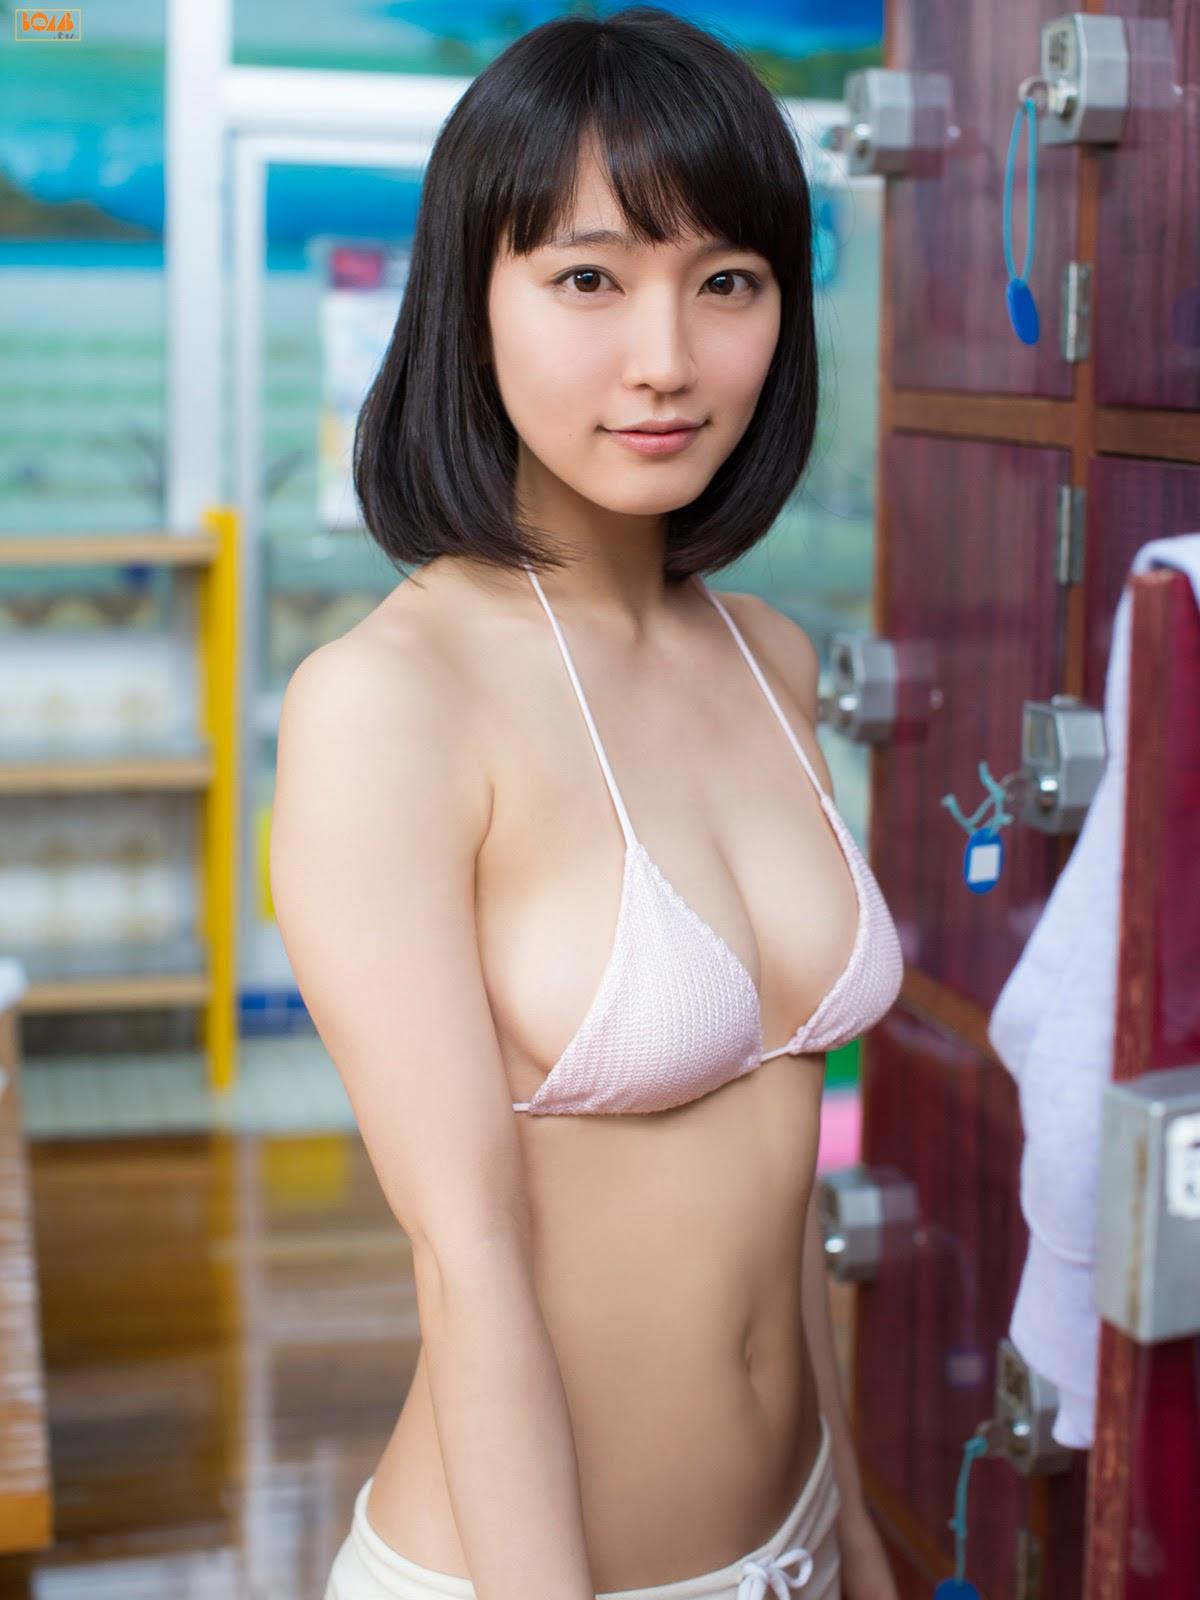 Valuable swimsuit gravure by Yoshiokari014